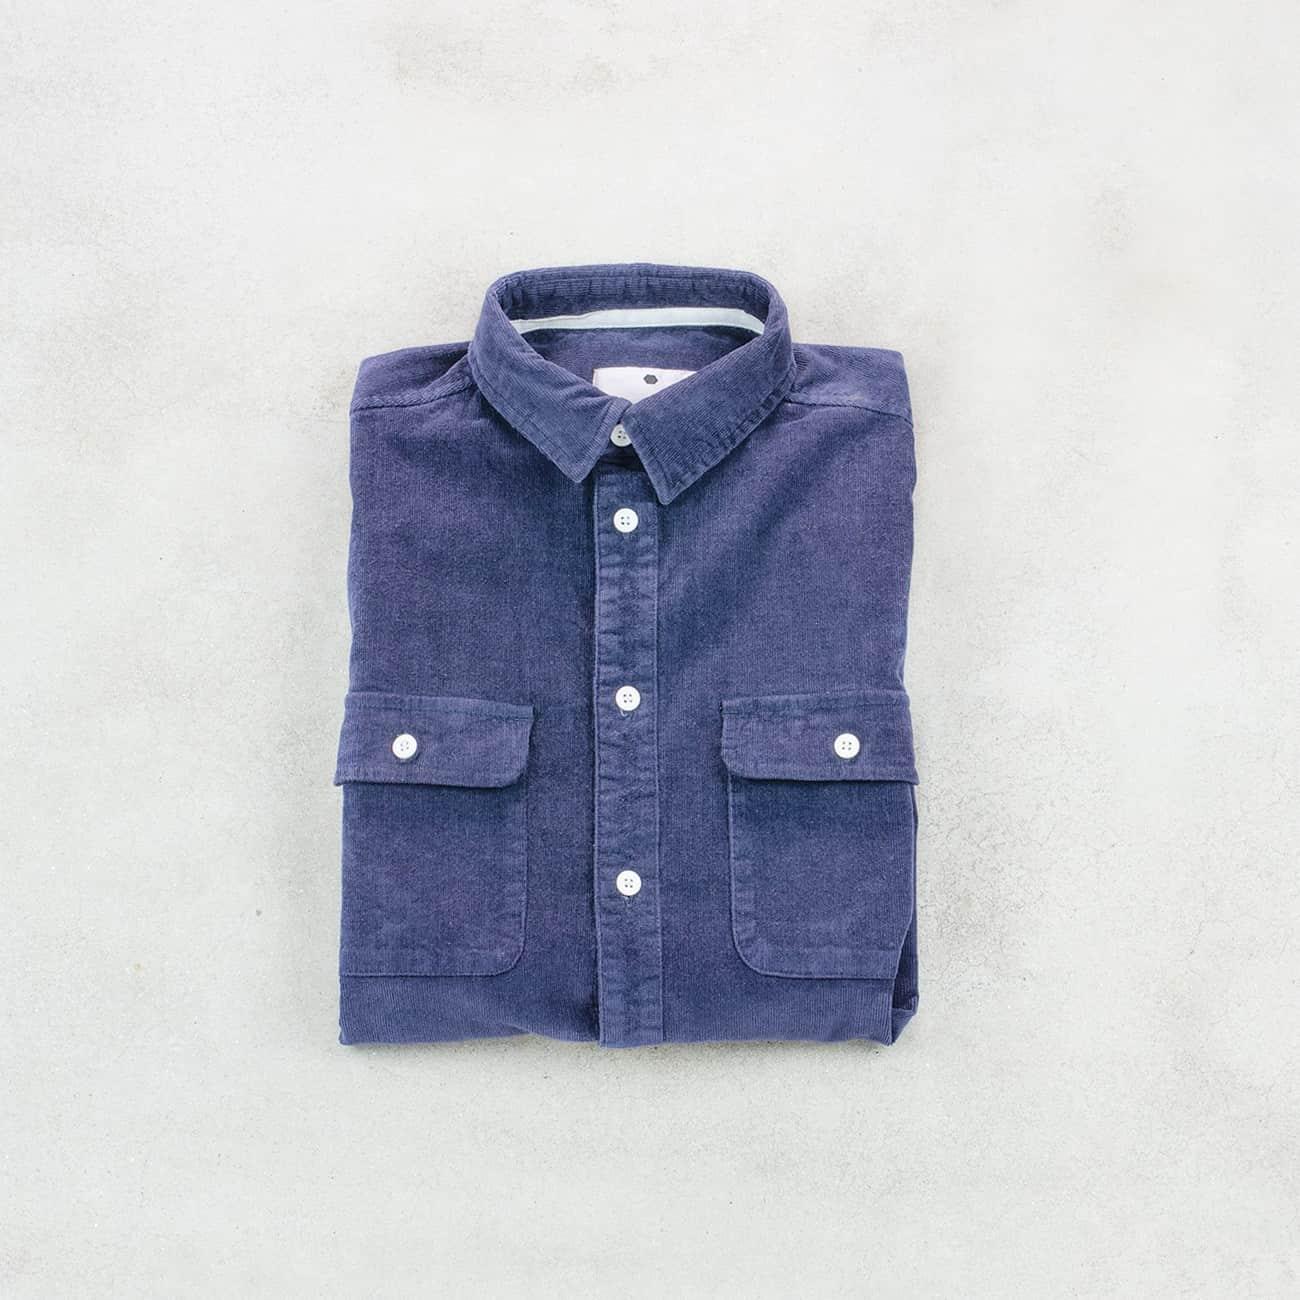 Clement Shirt